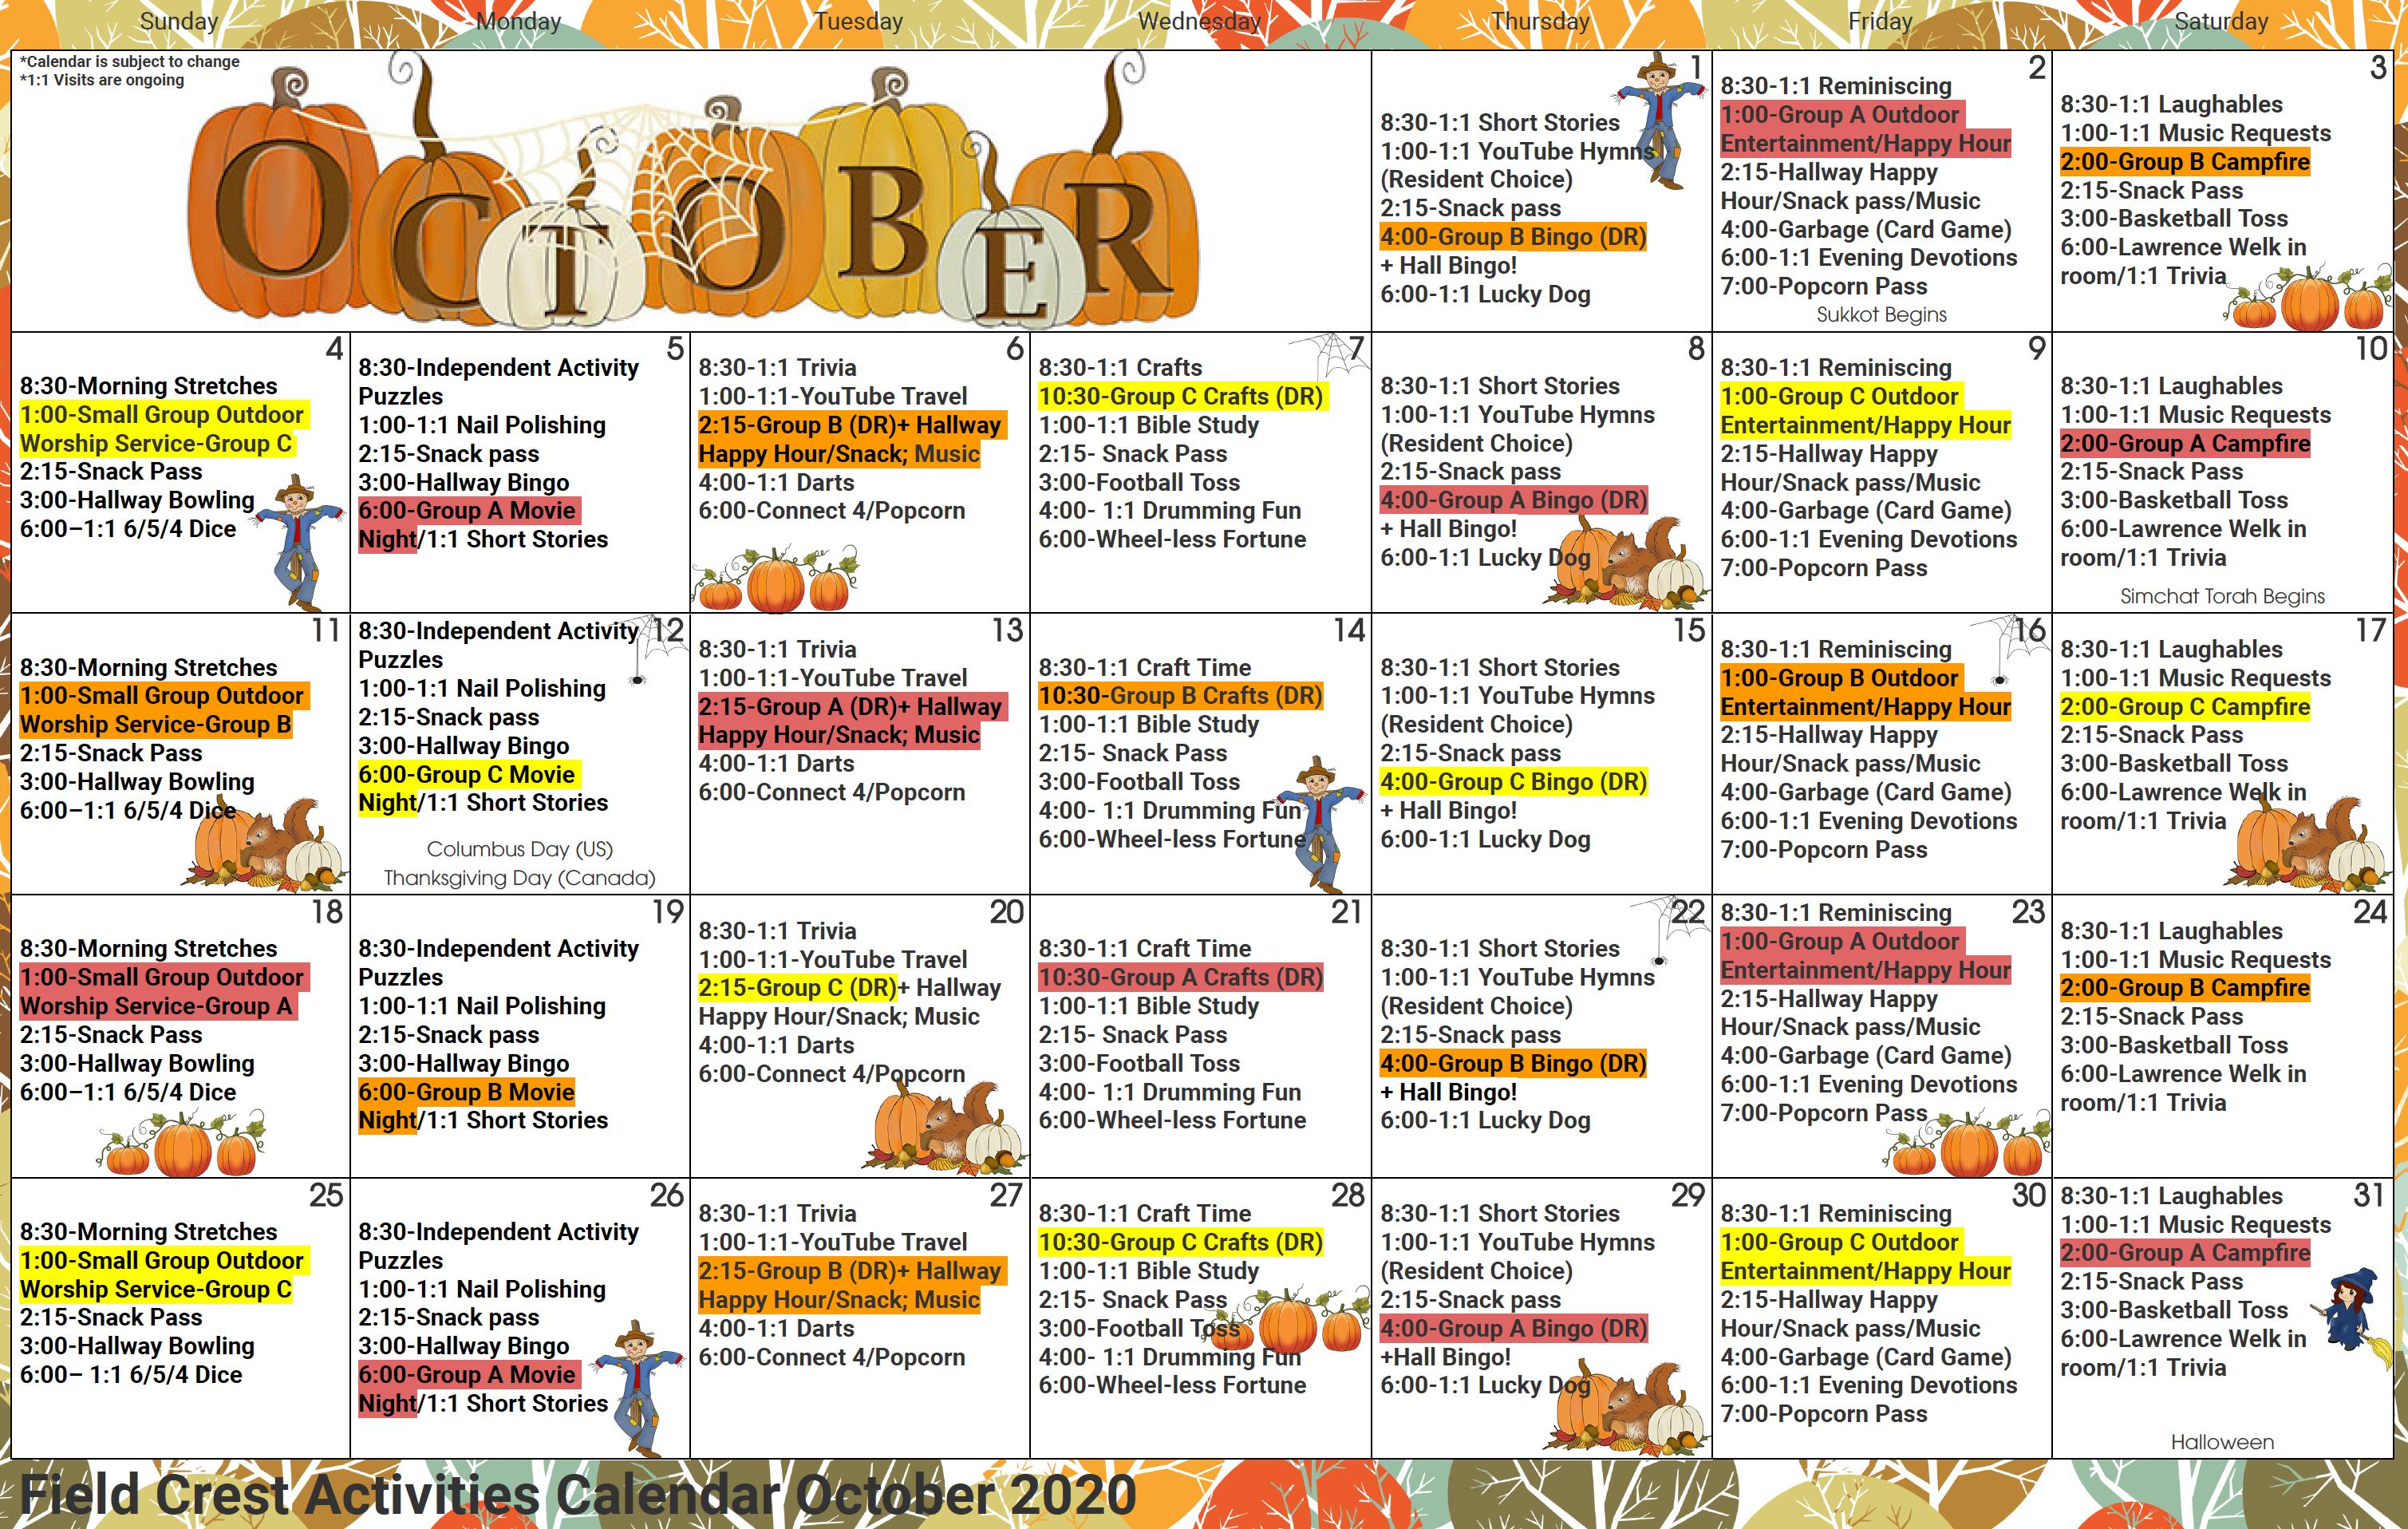 Fieldcrest Oct Calendar